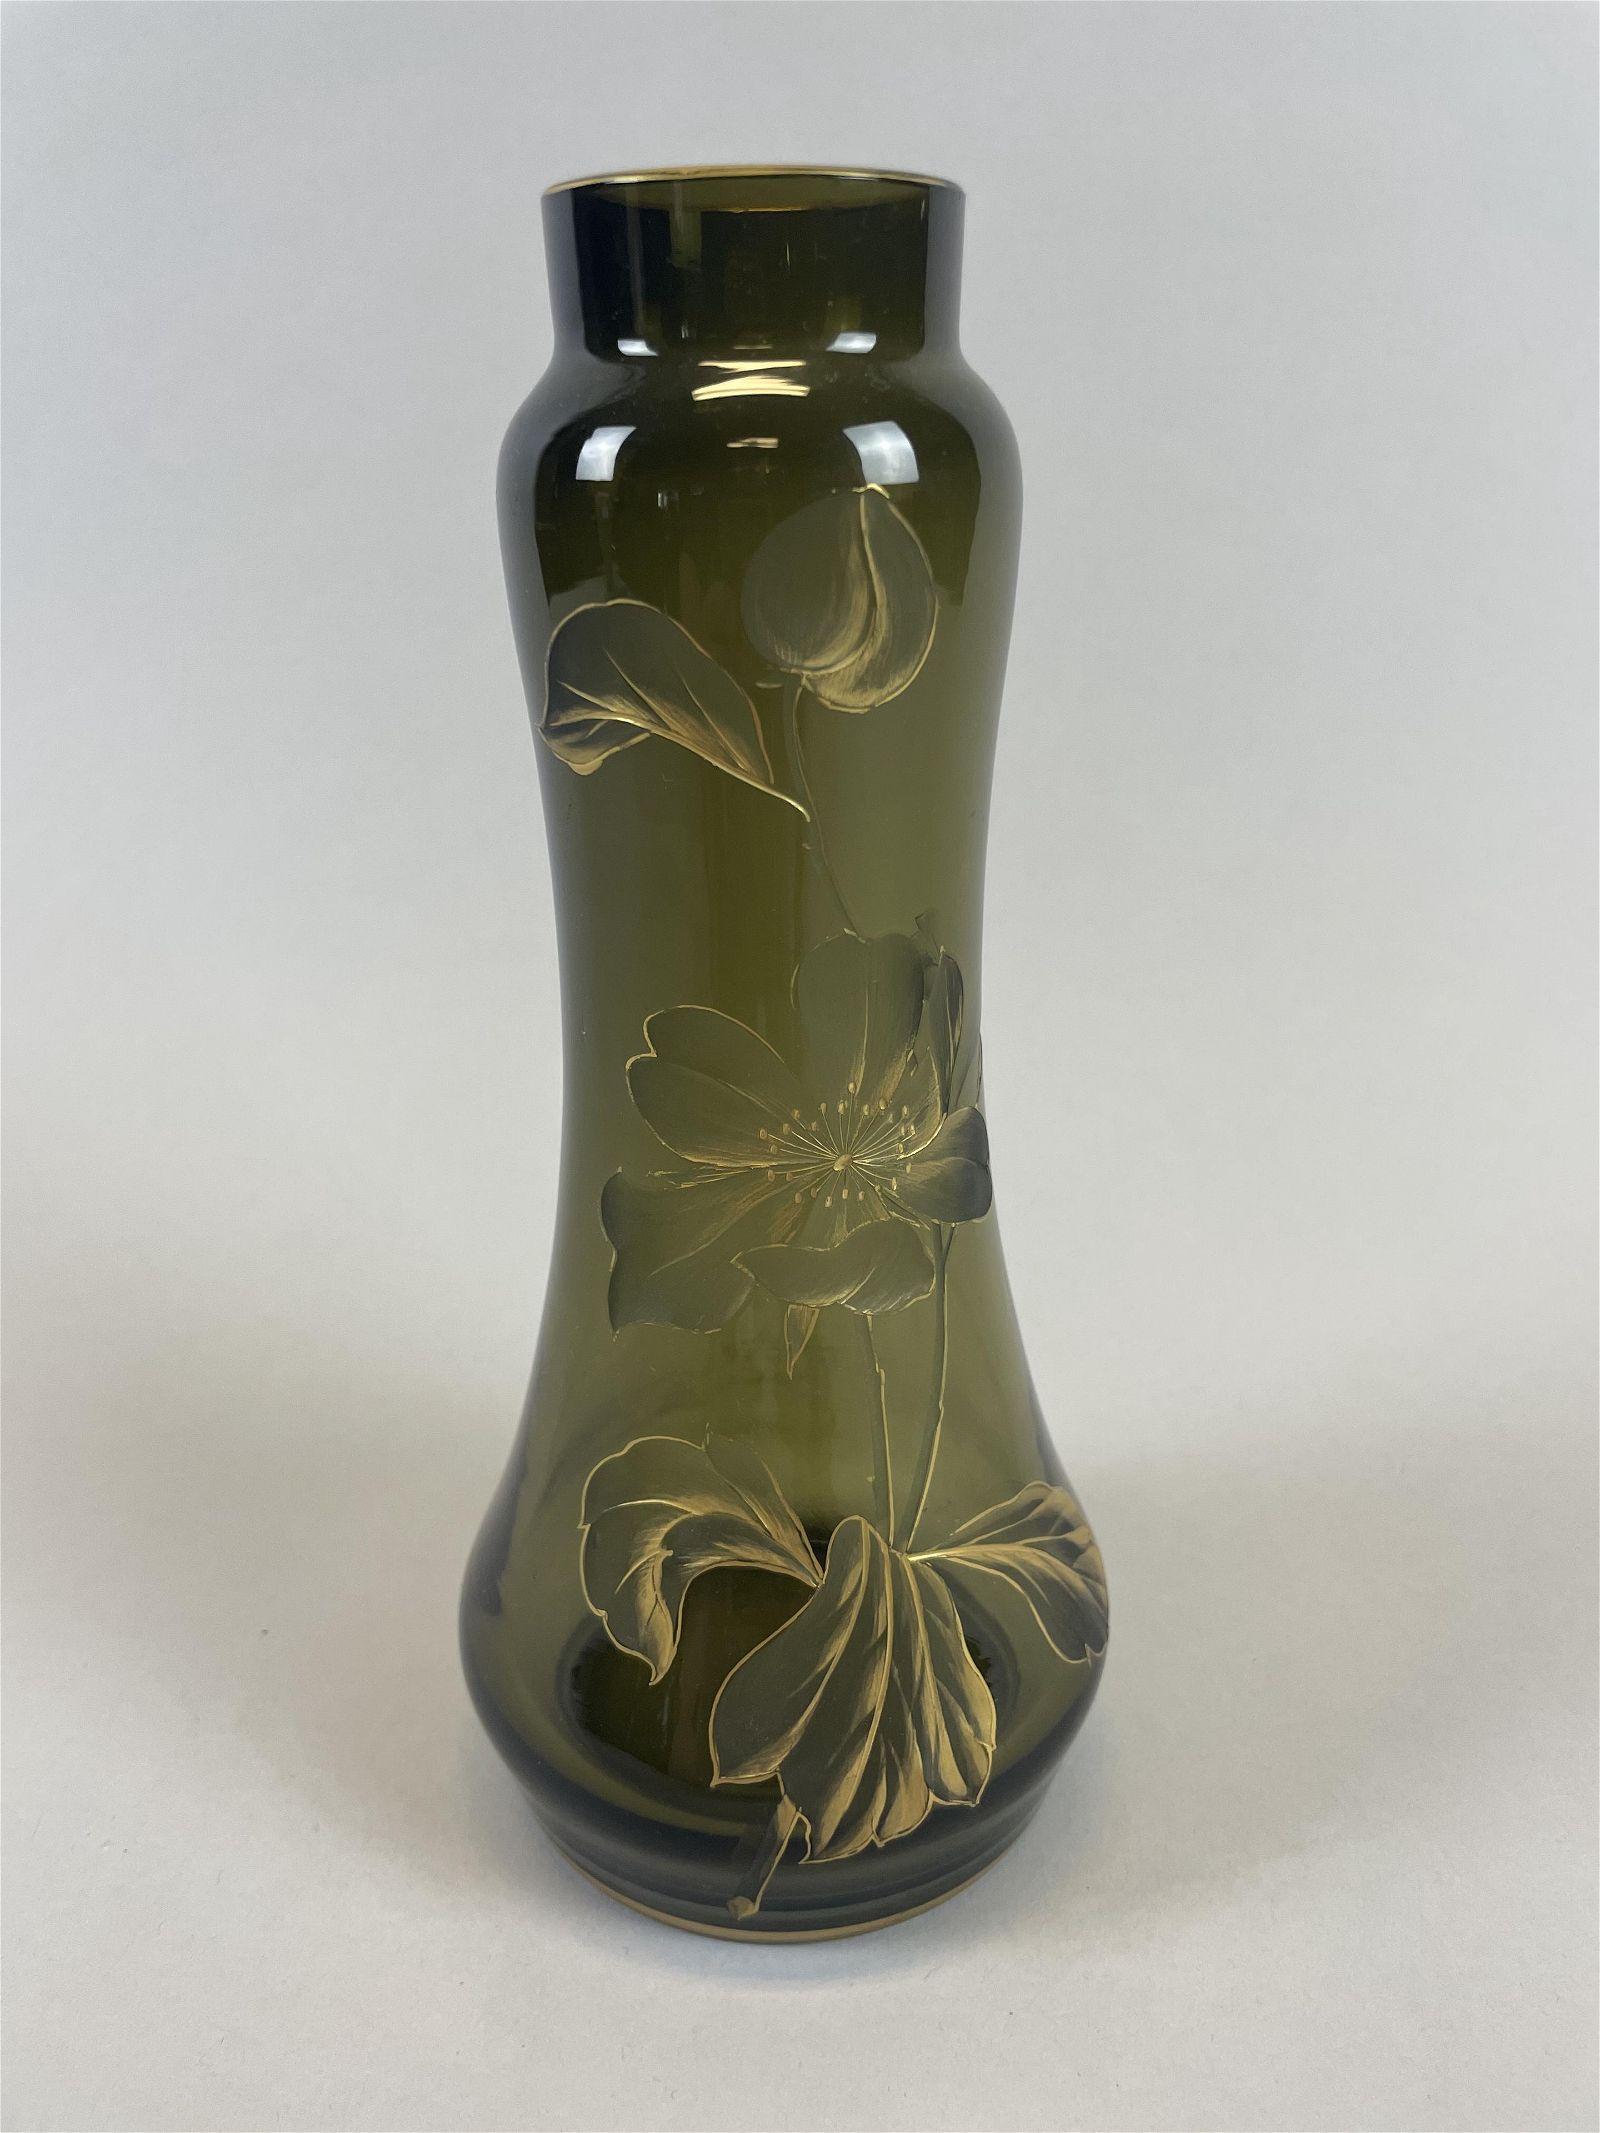 Austrian Art Nouveau Glass Vase, Possibly Moser